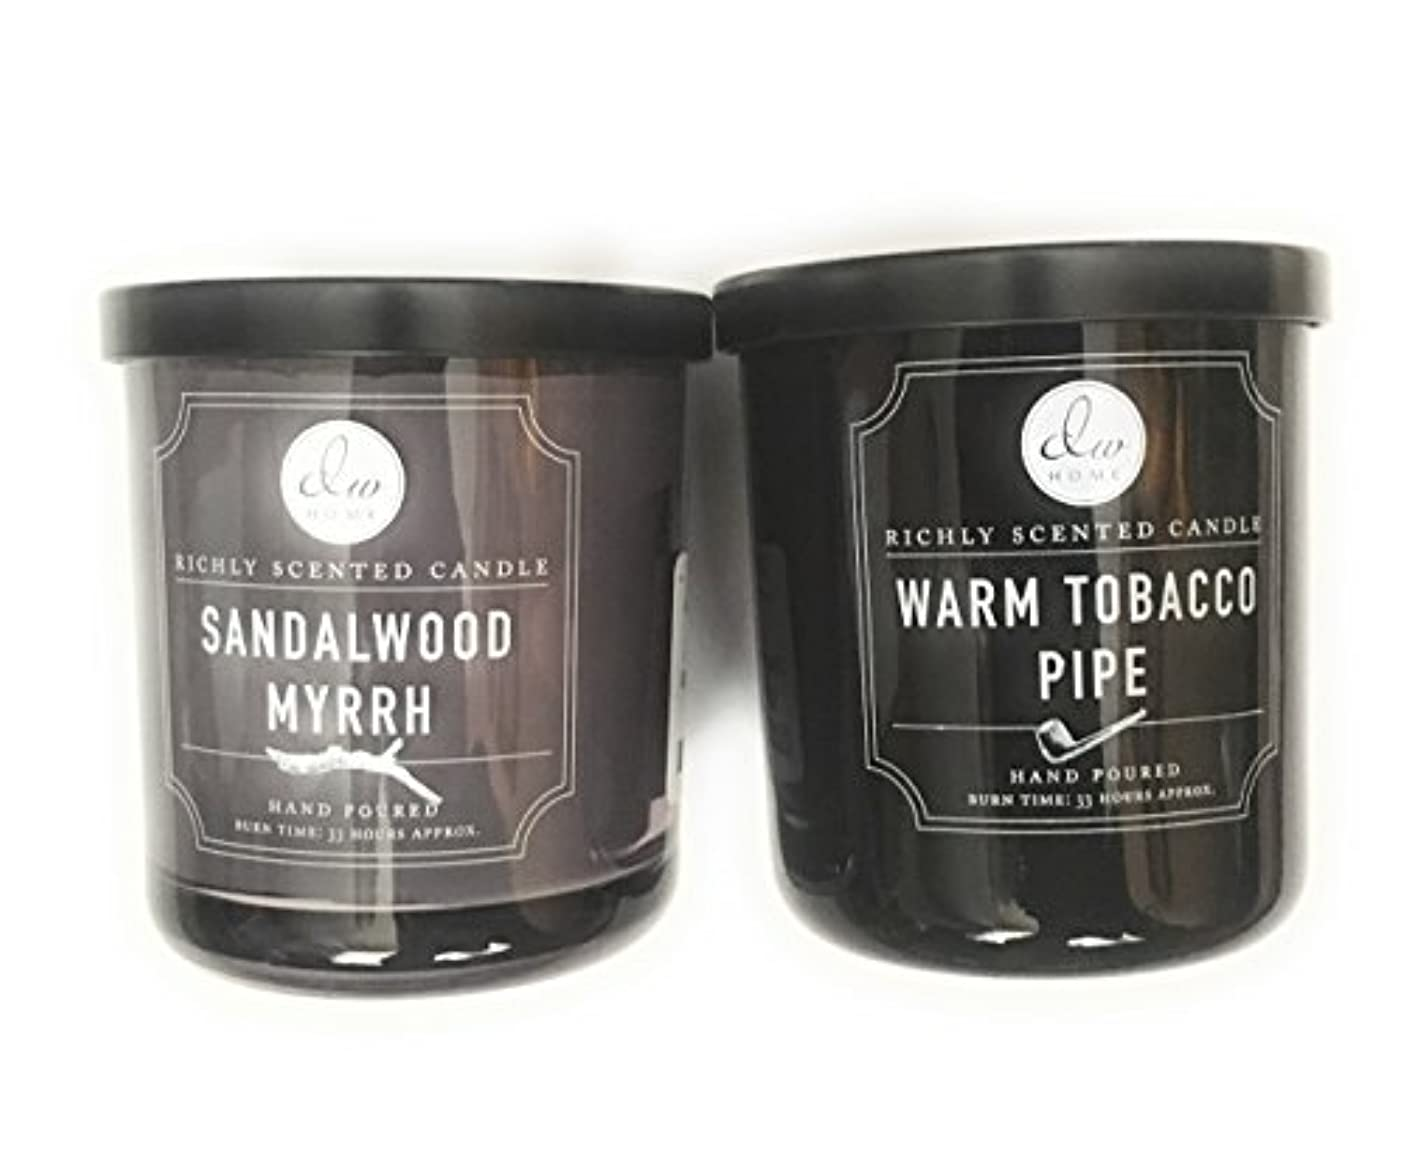 現代の思慮のない残酷なDW Home Candle Bundle with a Warm Tobacco Pipe (290ml) Candle and a Sandalwood and Myrrh (290ml) Candle (2 items)